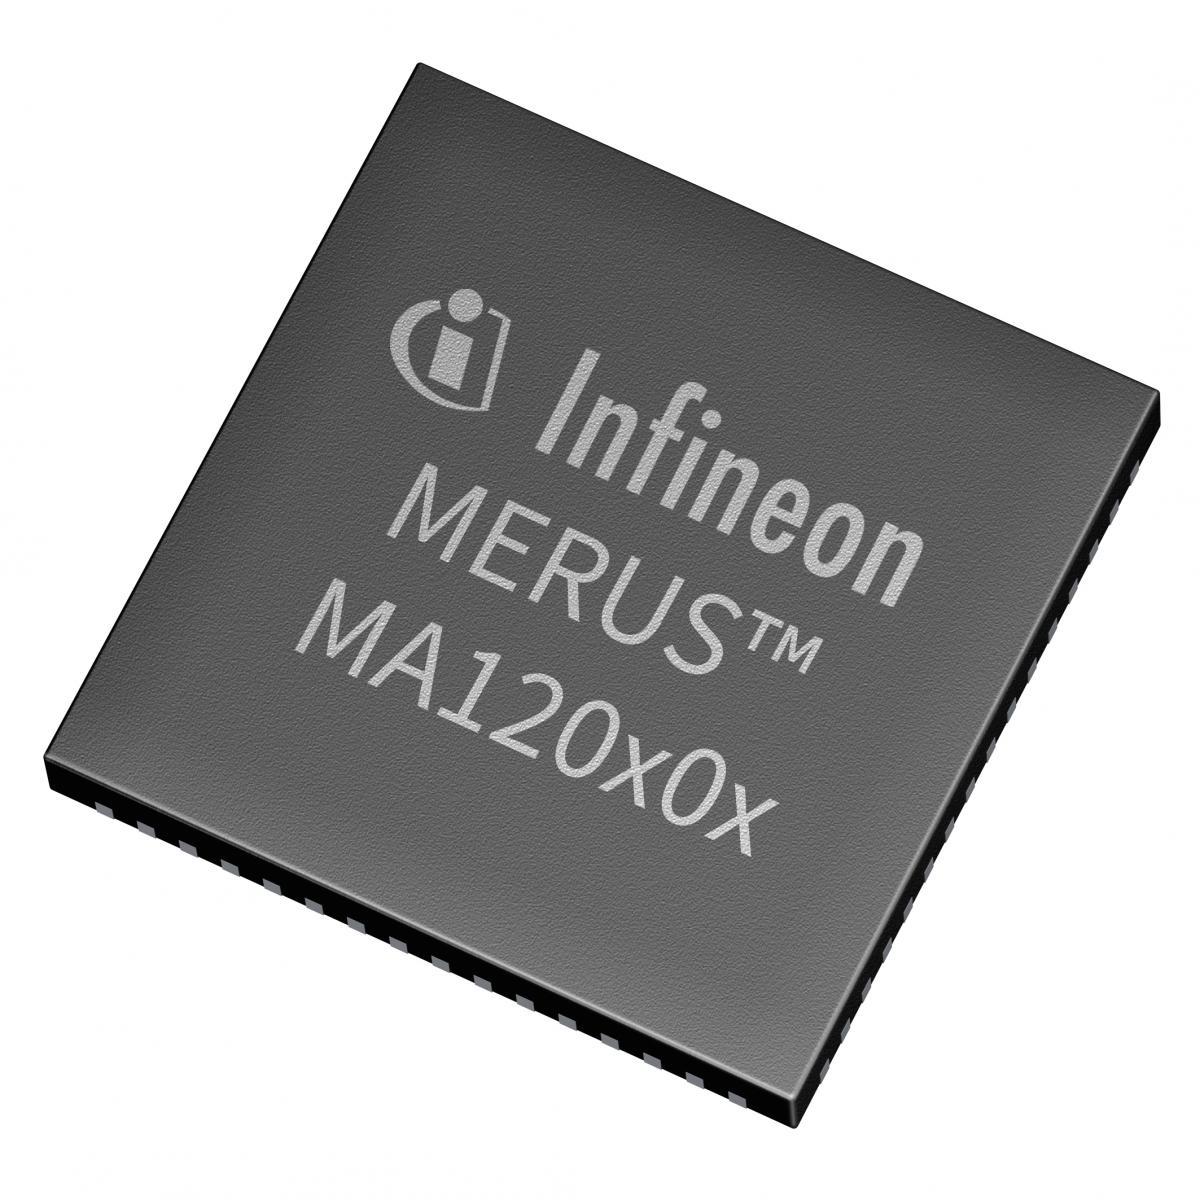 Infineon - MA12040, MA12040P, MA12070, MA12070P